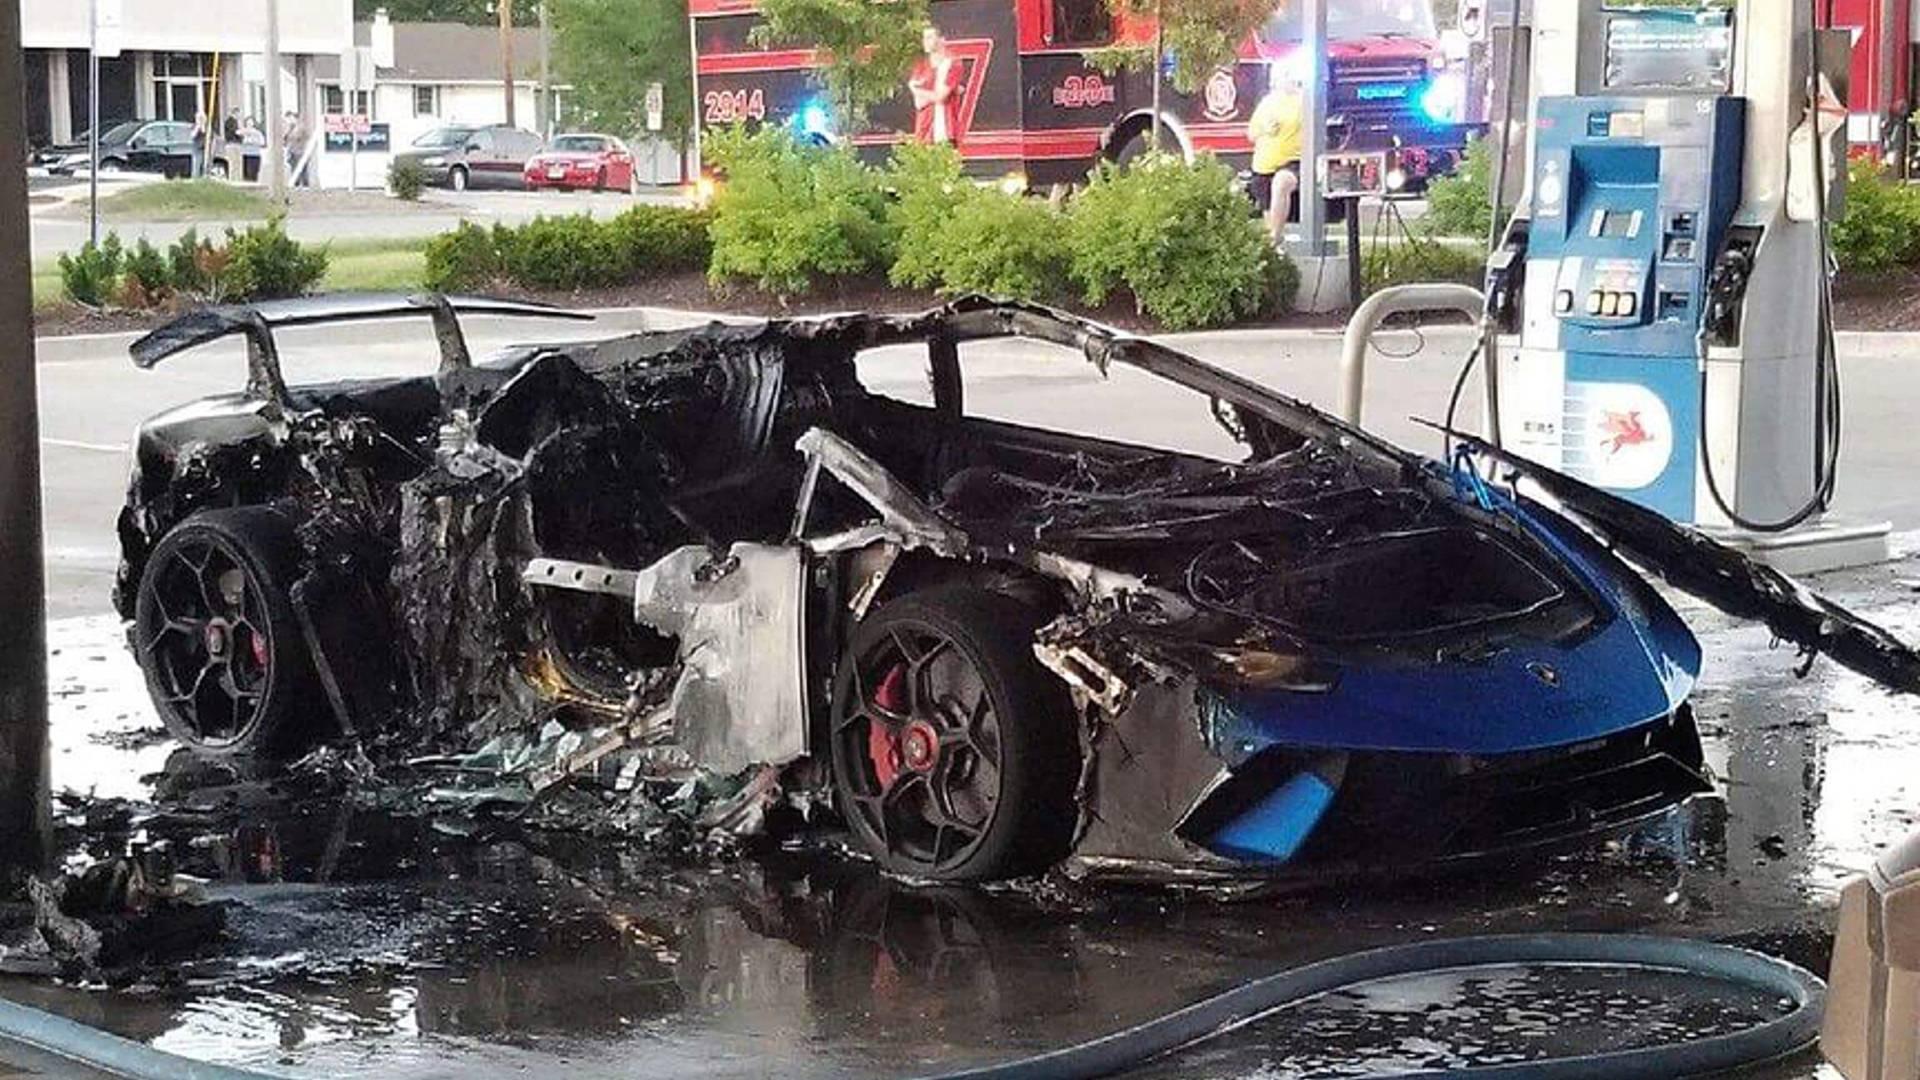 Lamborghini Huracan burned (4)